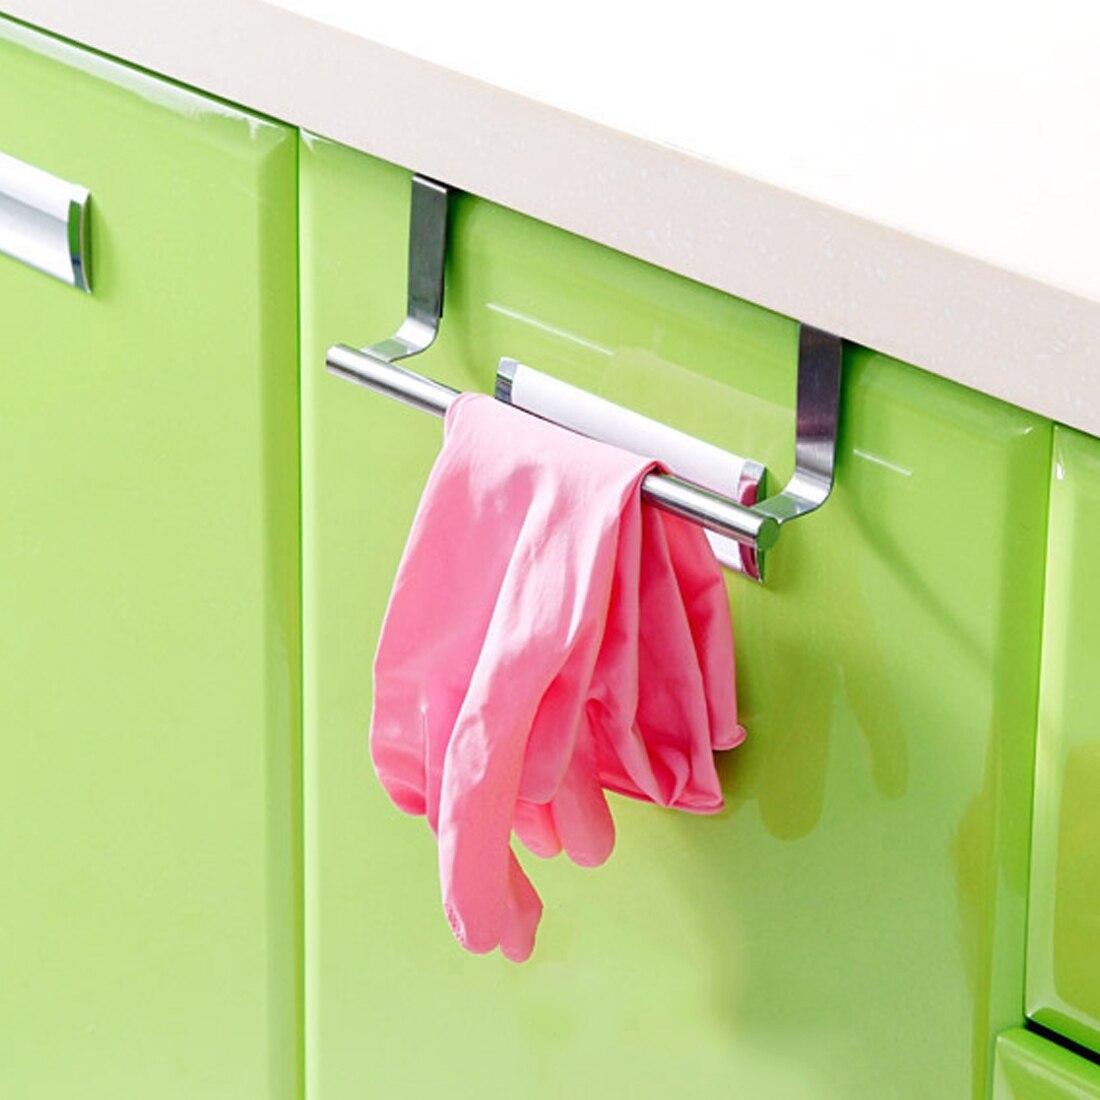 Над дверью Полотенца барная стойка висит держатель Ванная комната Кухня шкаф стеллаж Организация дома